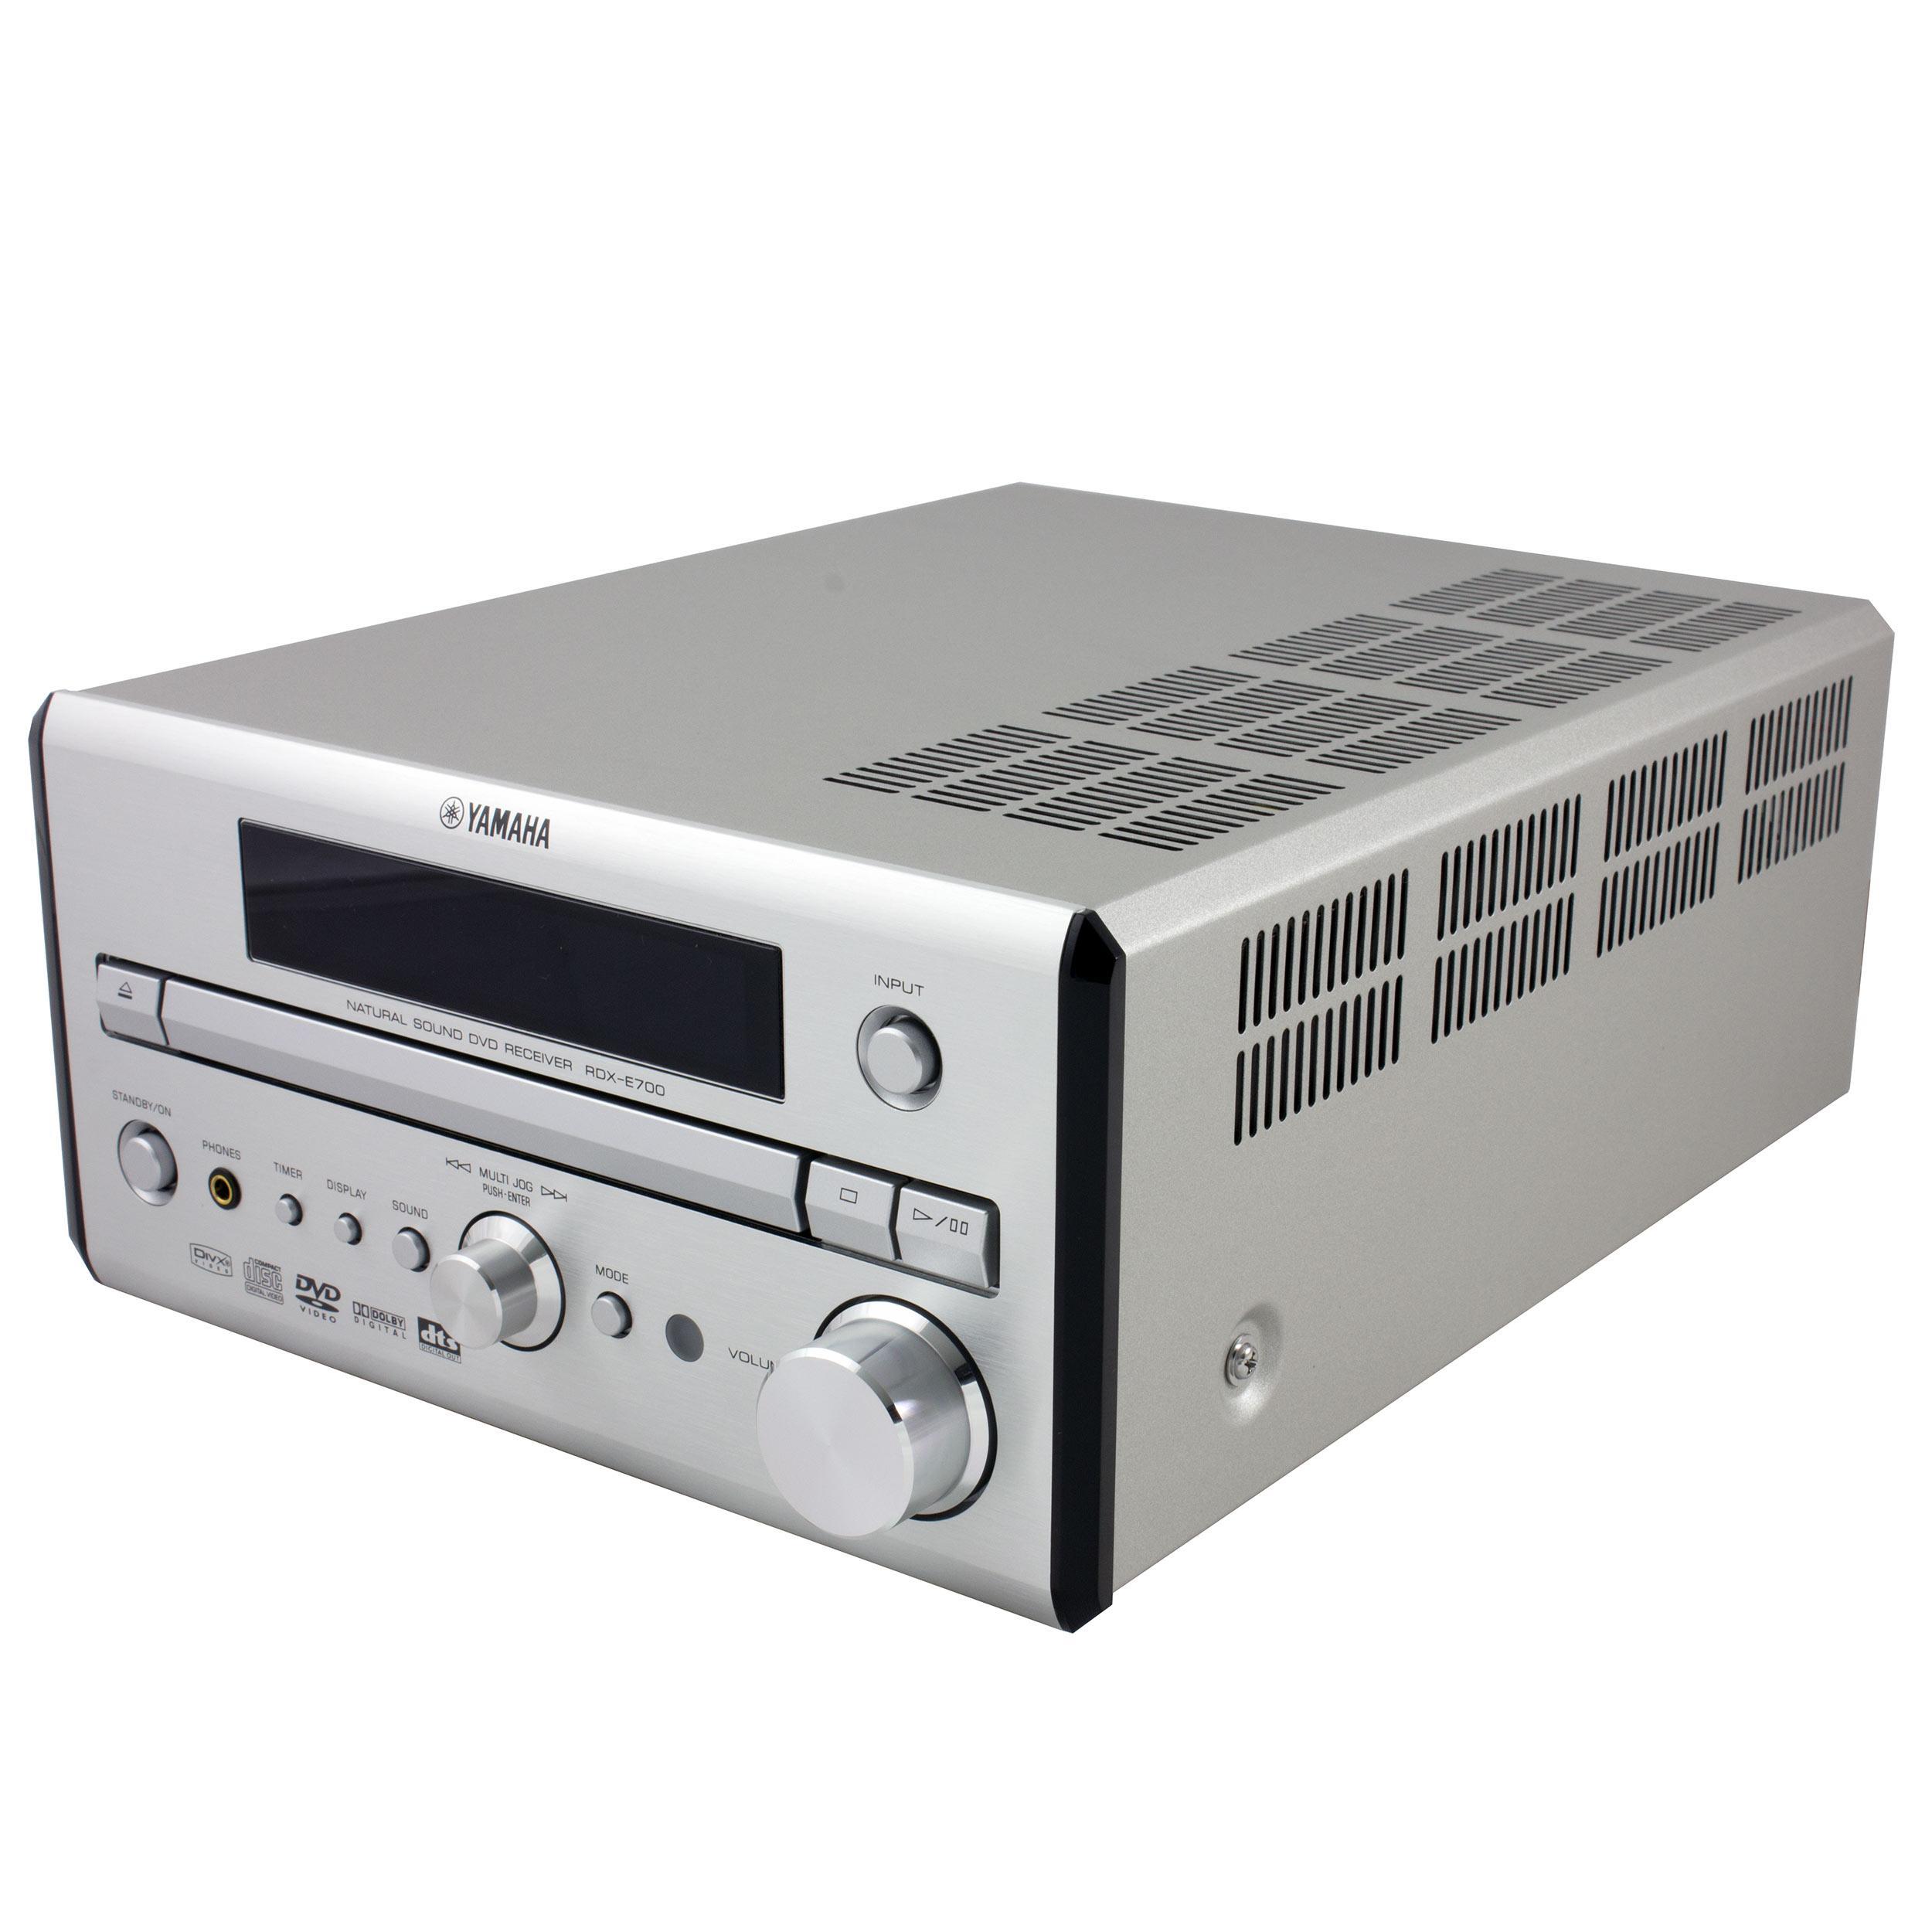 Yamaha - Amplificateur stéréo/lecteur DVD compatible DivX/Tuner